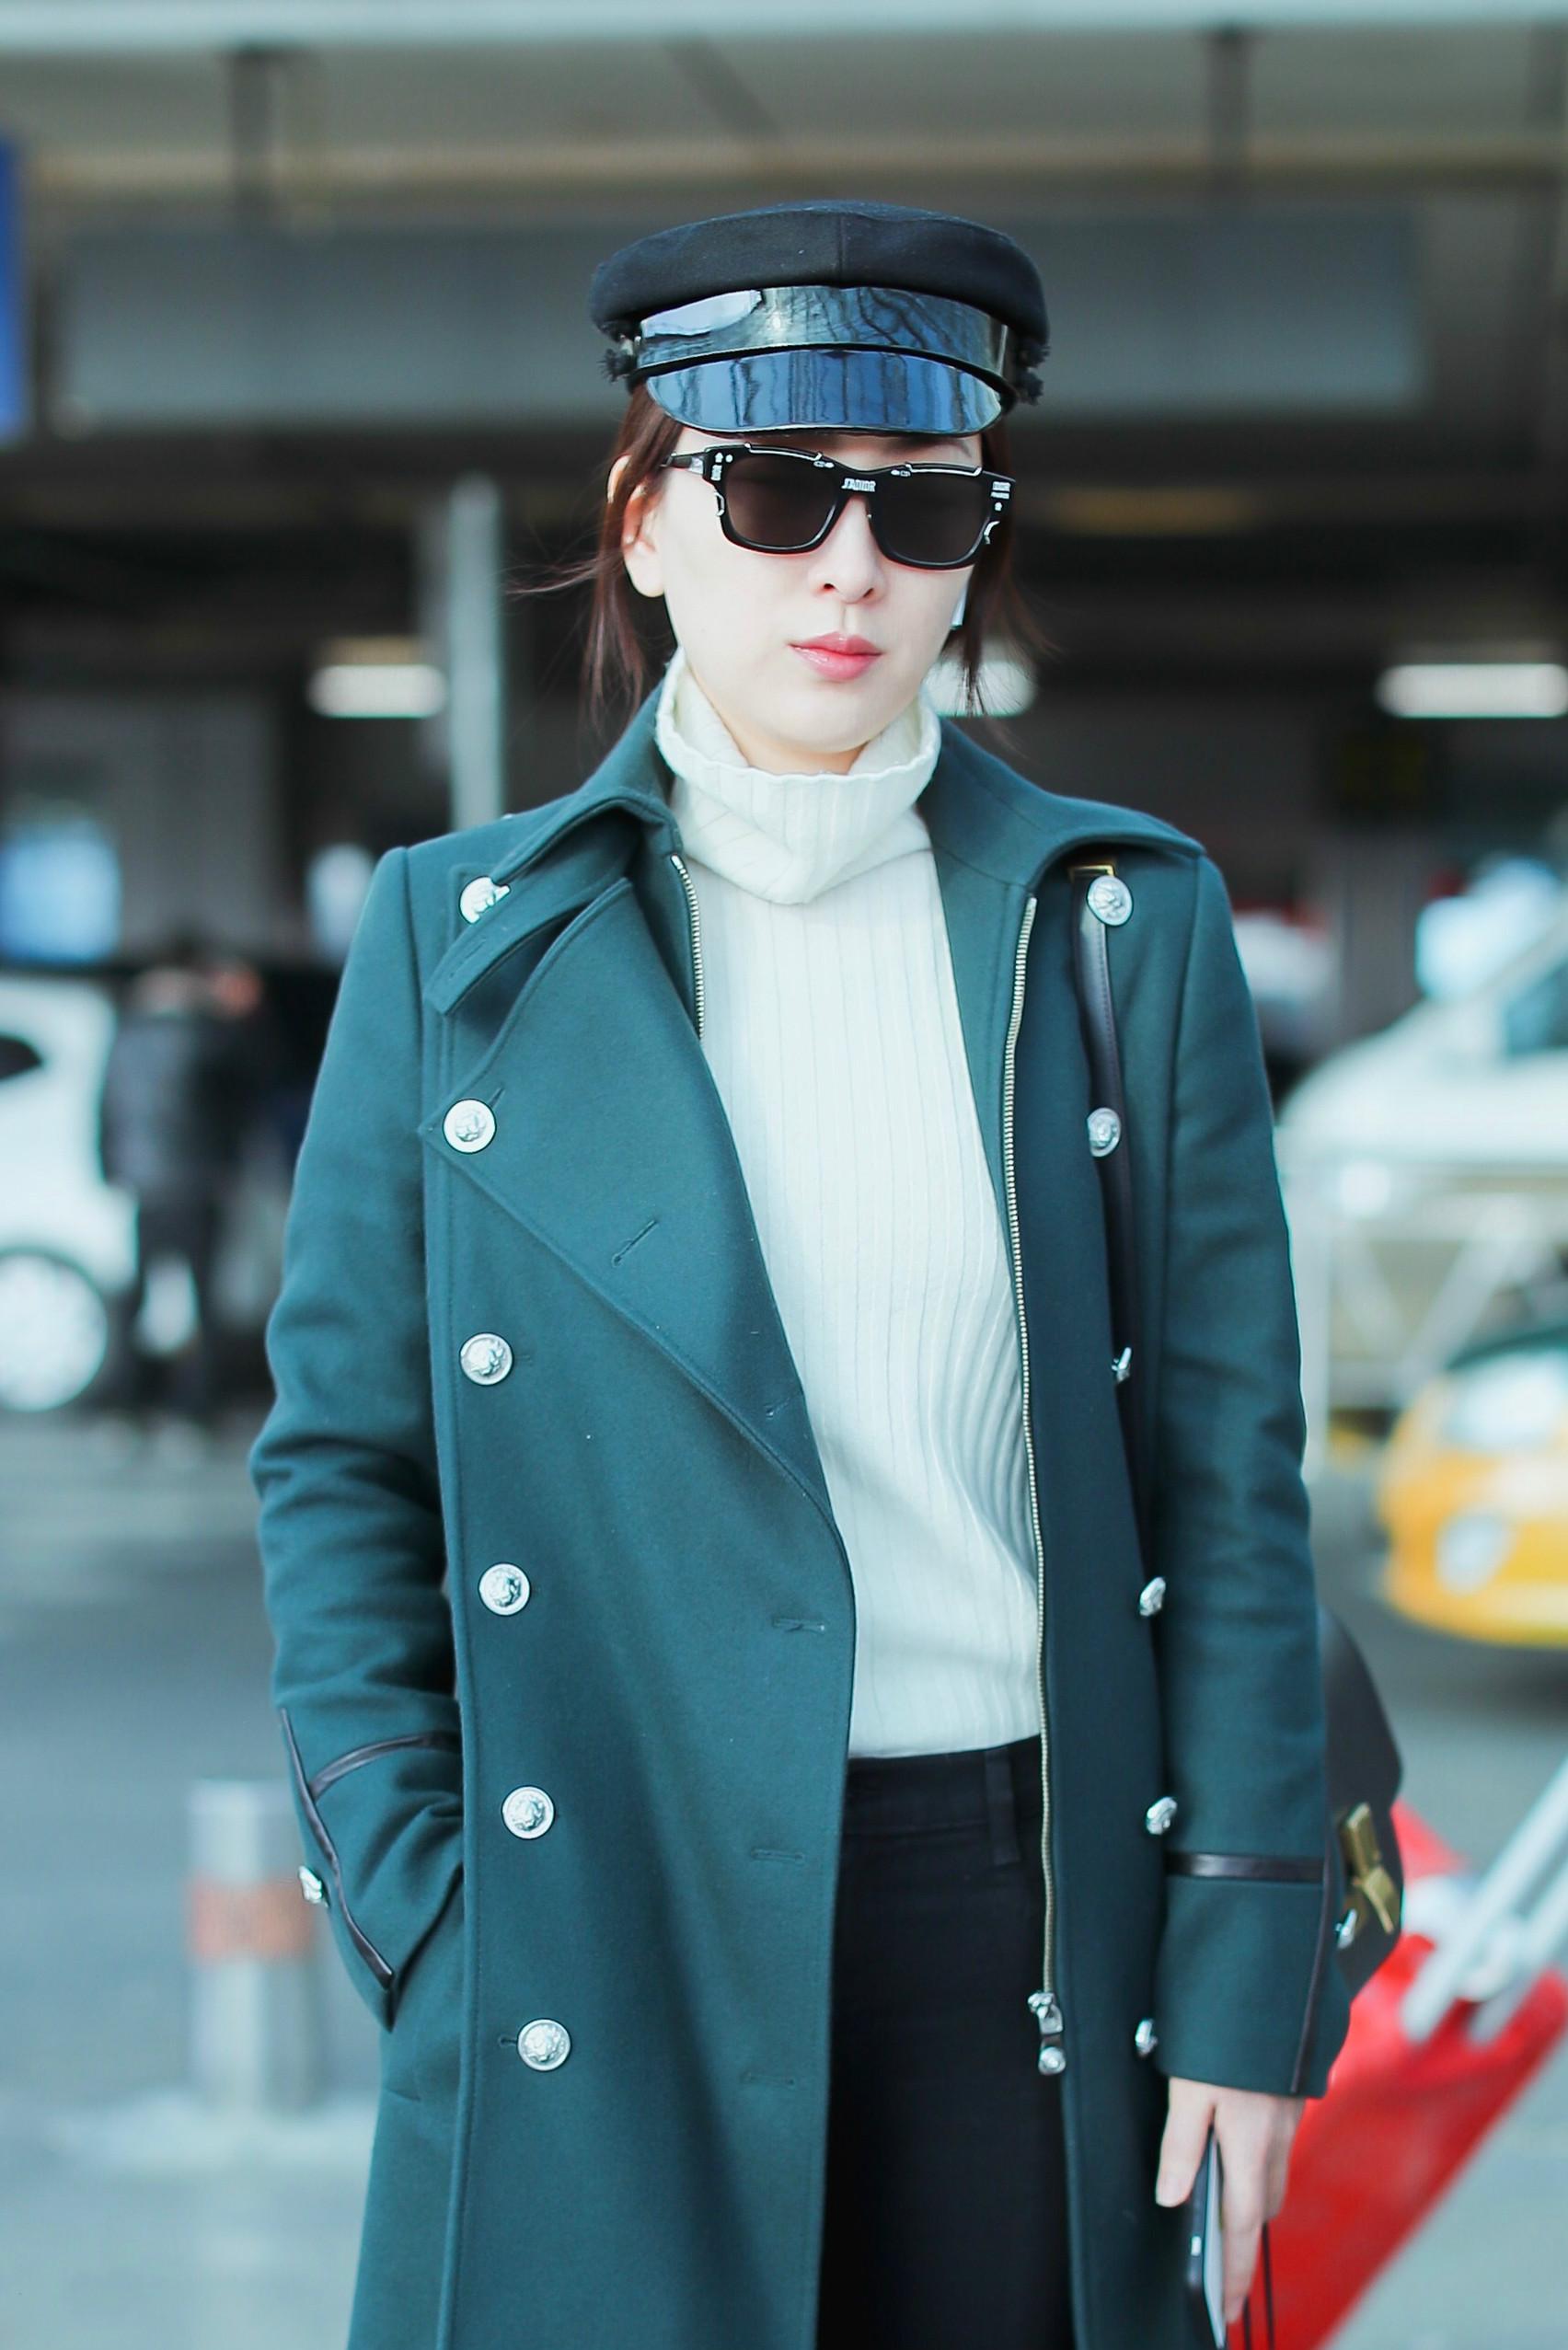 馬蘇美起來真不低調,一襲綠色大衣氣場全開,就算秋褲外露也不醜 形象穿搭 第2張